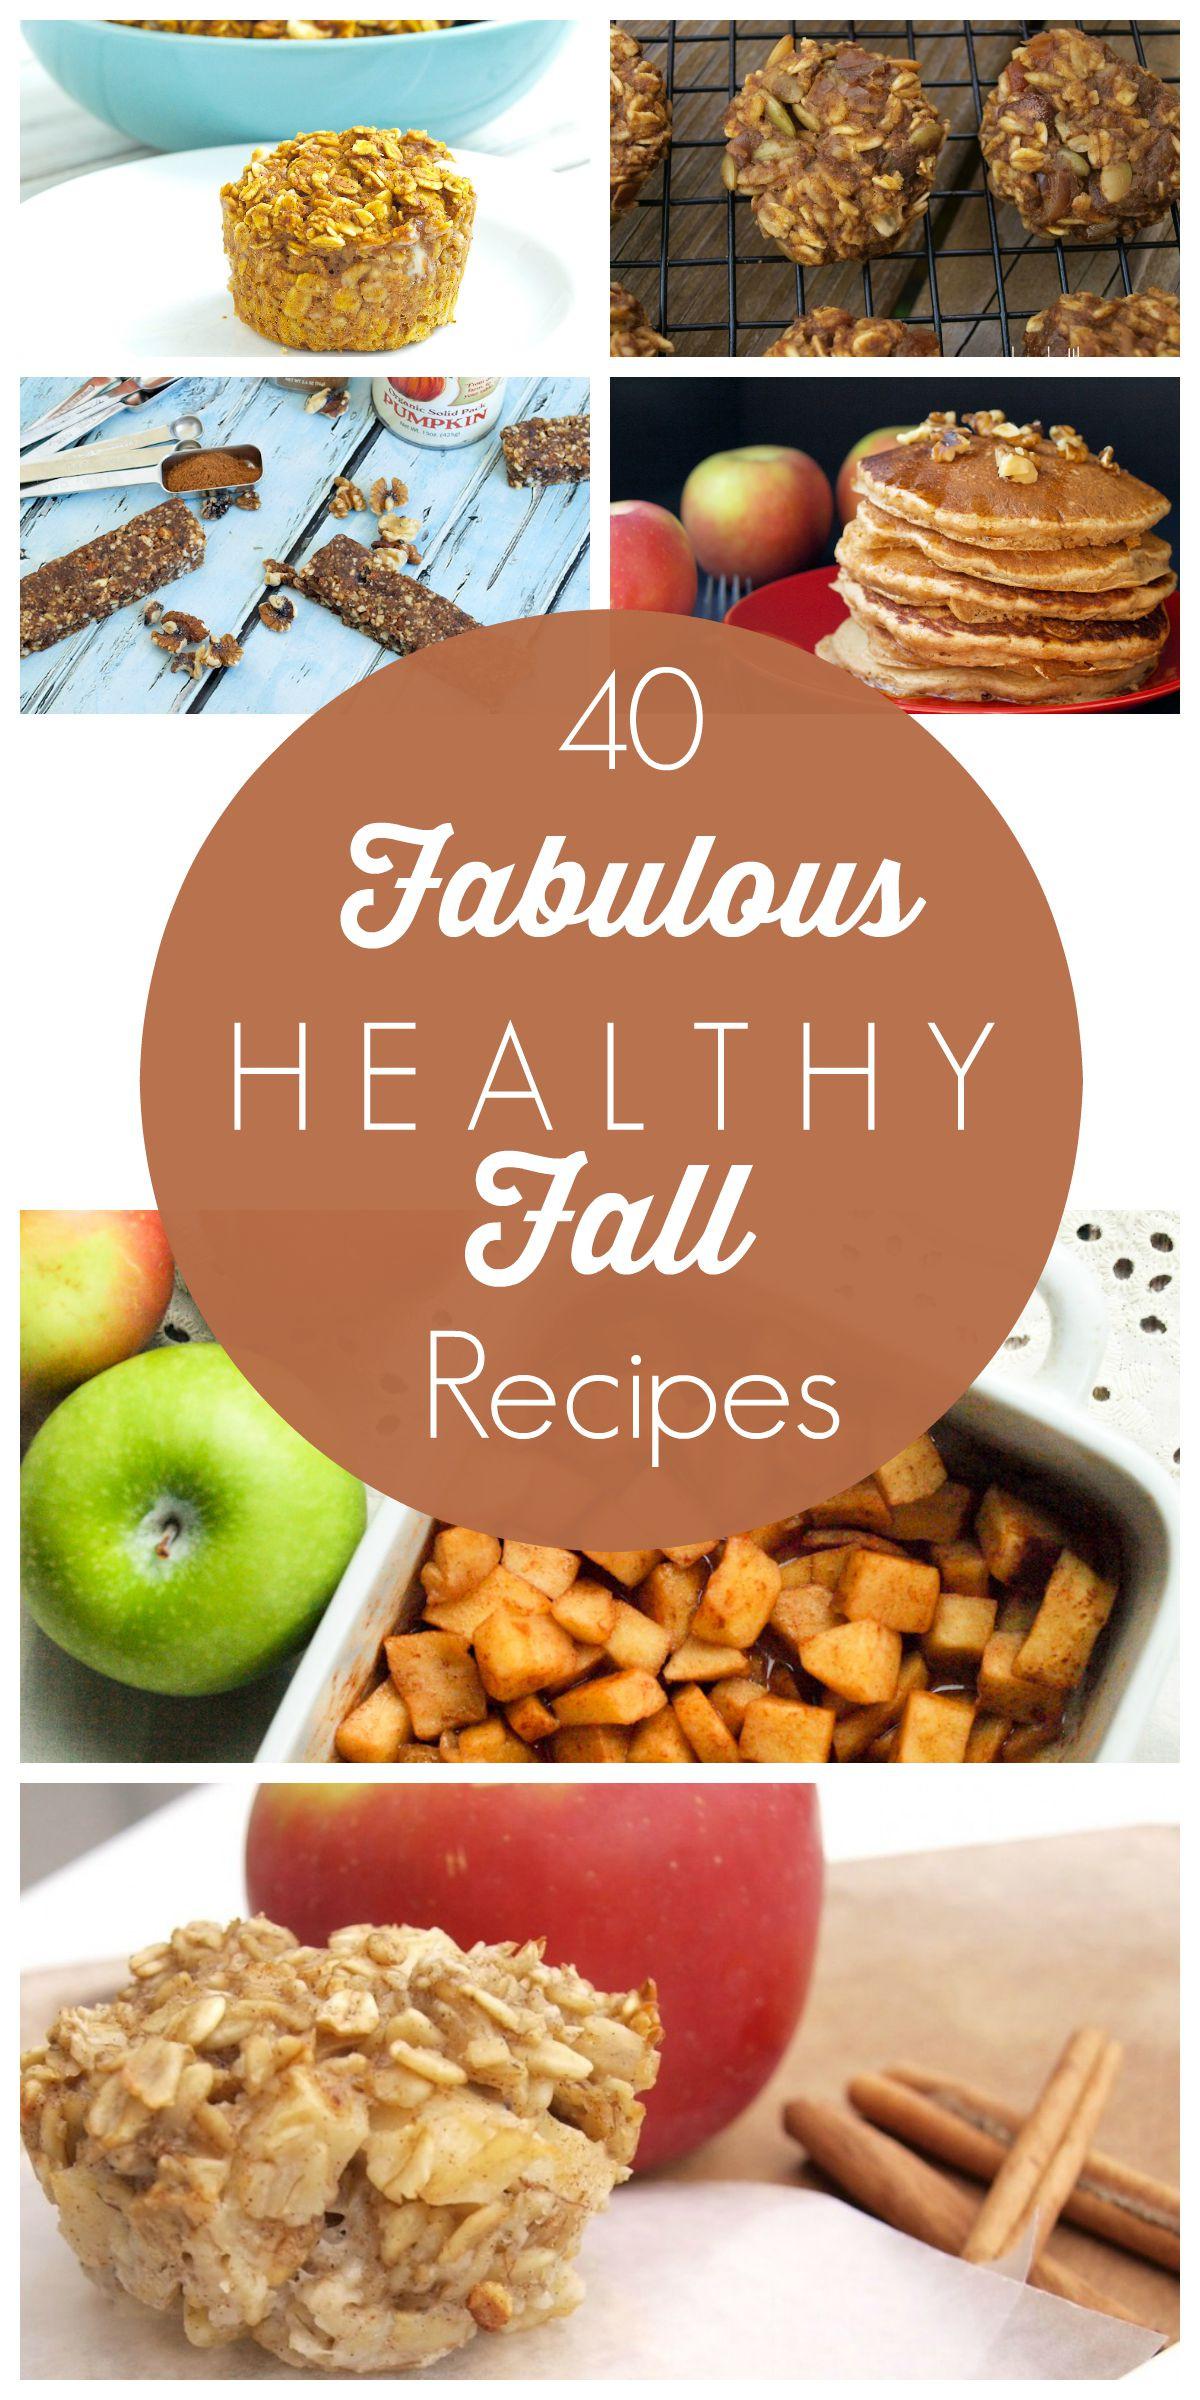 Healthy Fall Breakfast Recipes  40 Fabulous Healthy Fall Recipes Happy Healthy Mama